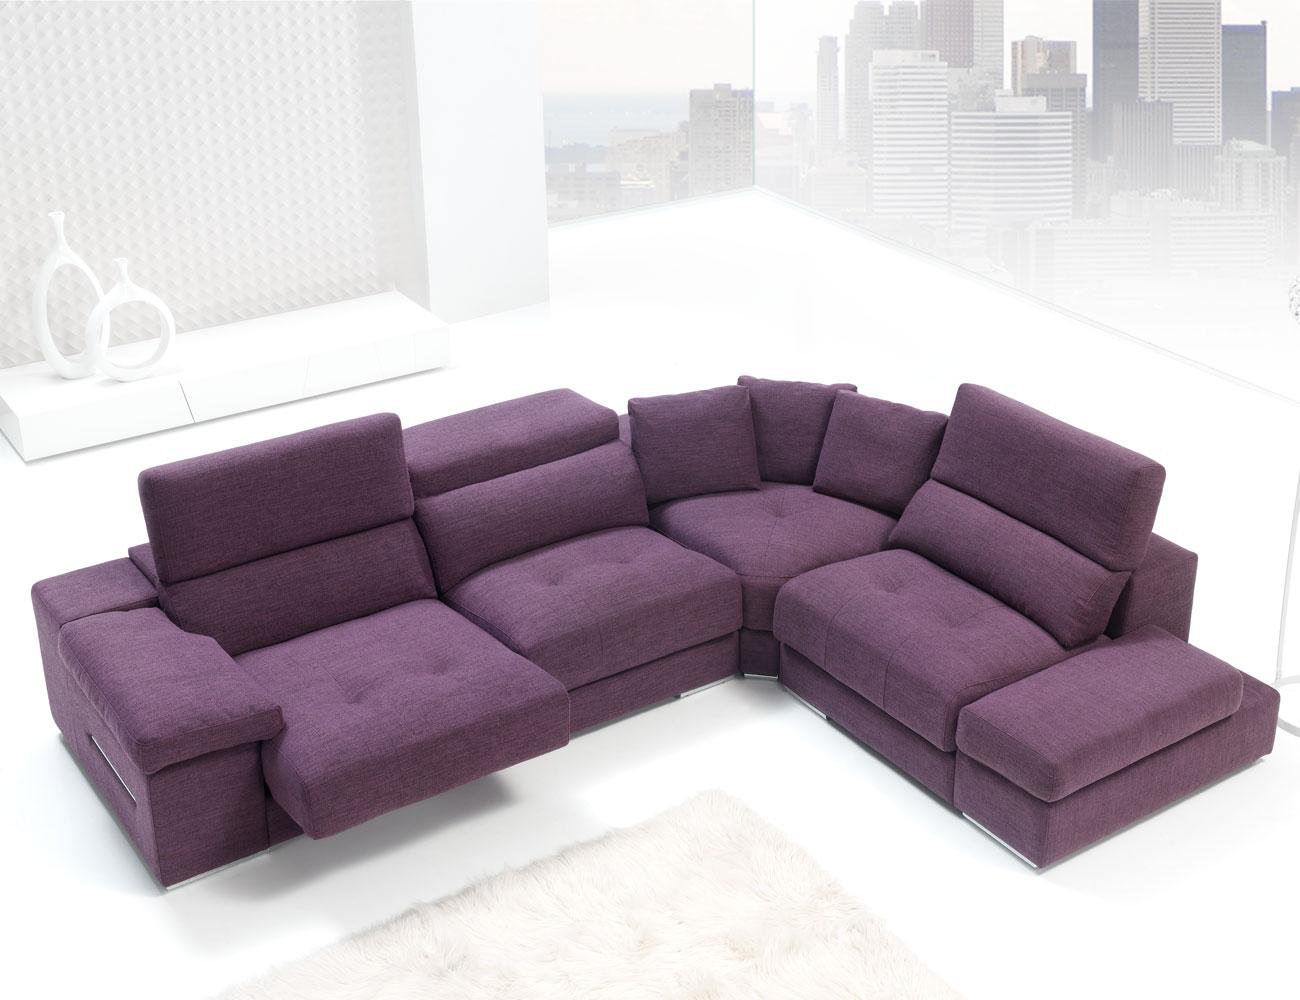 Sofa chaiselongue rincon con brazo mecanico tejido anti manchas 232